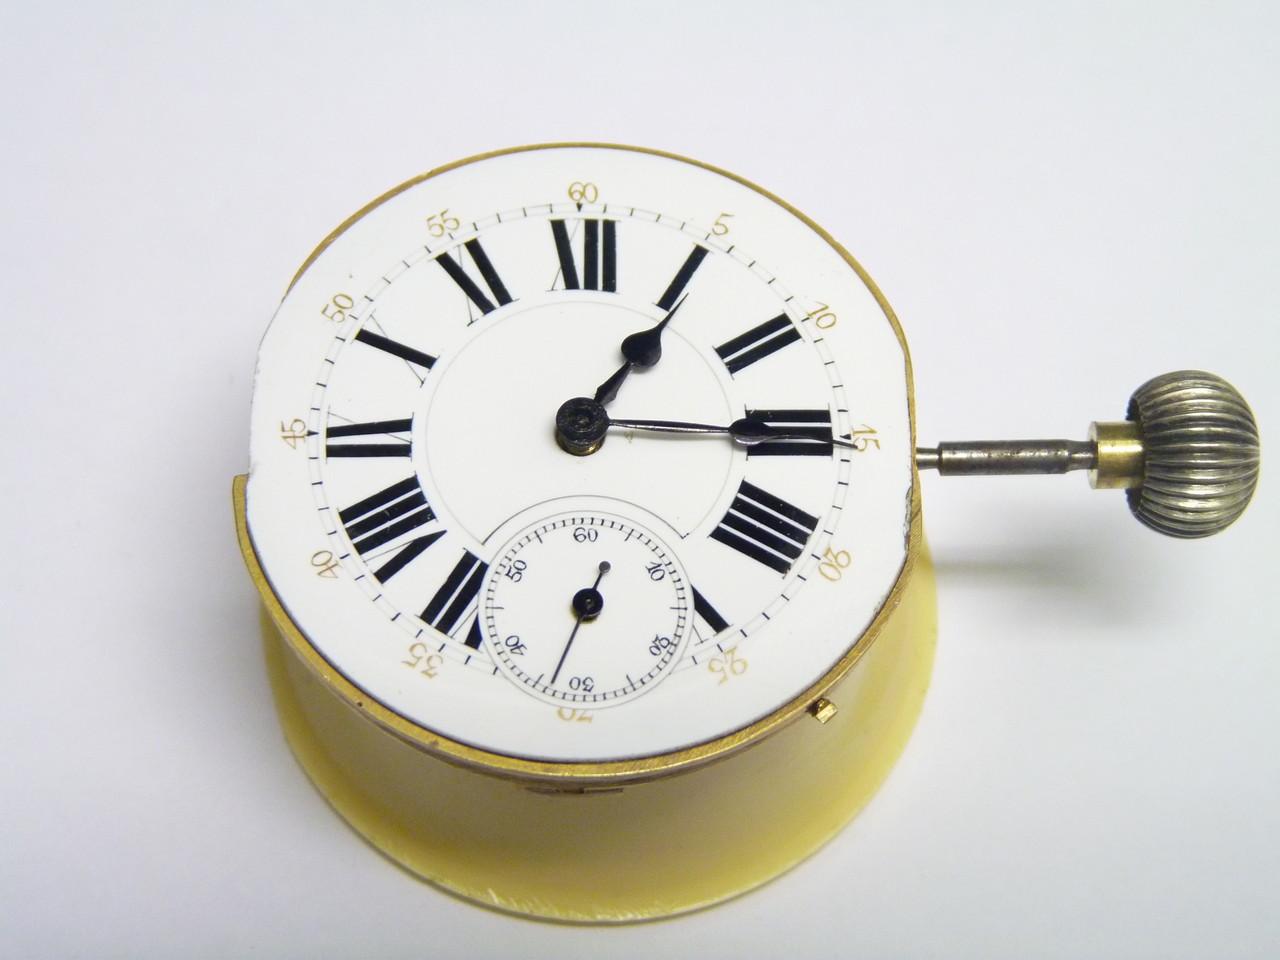 9.-Comprovacions de la marxa rellotge